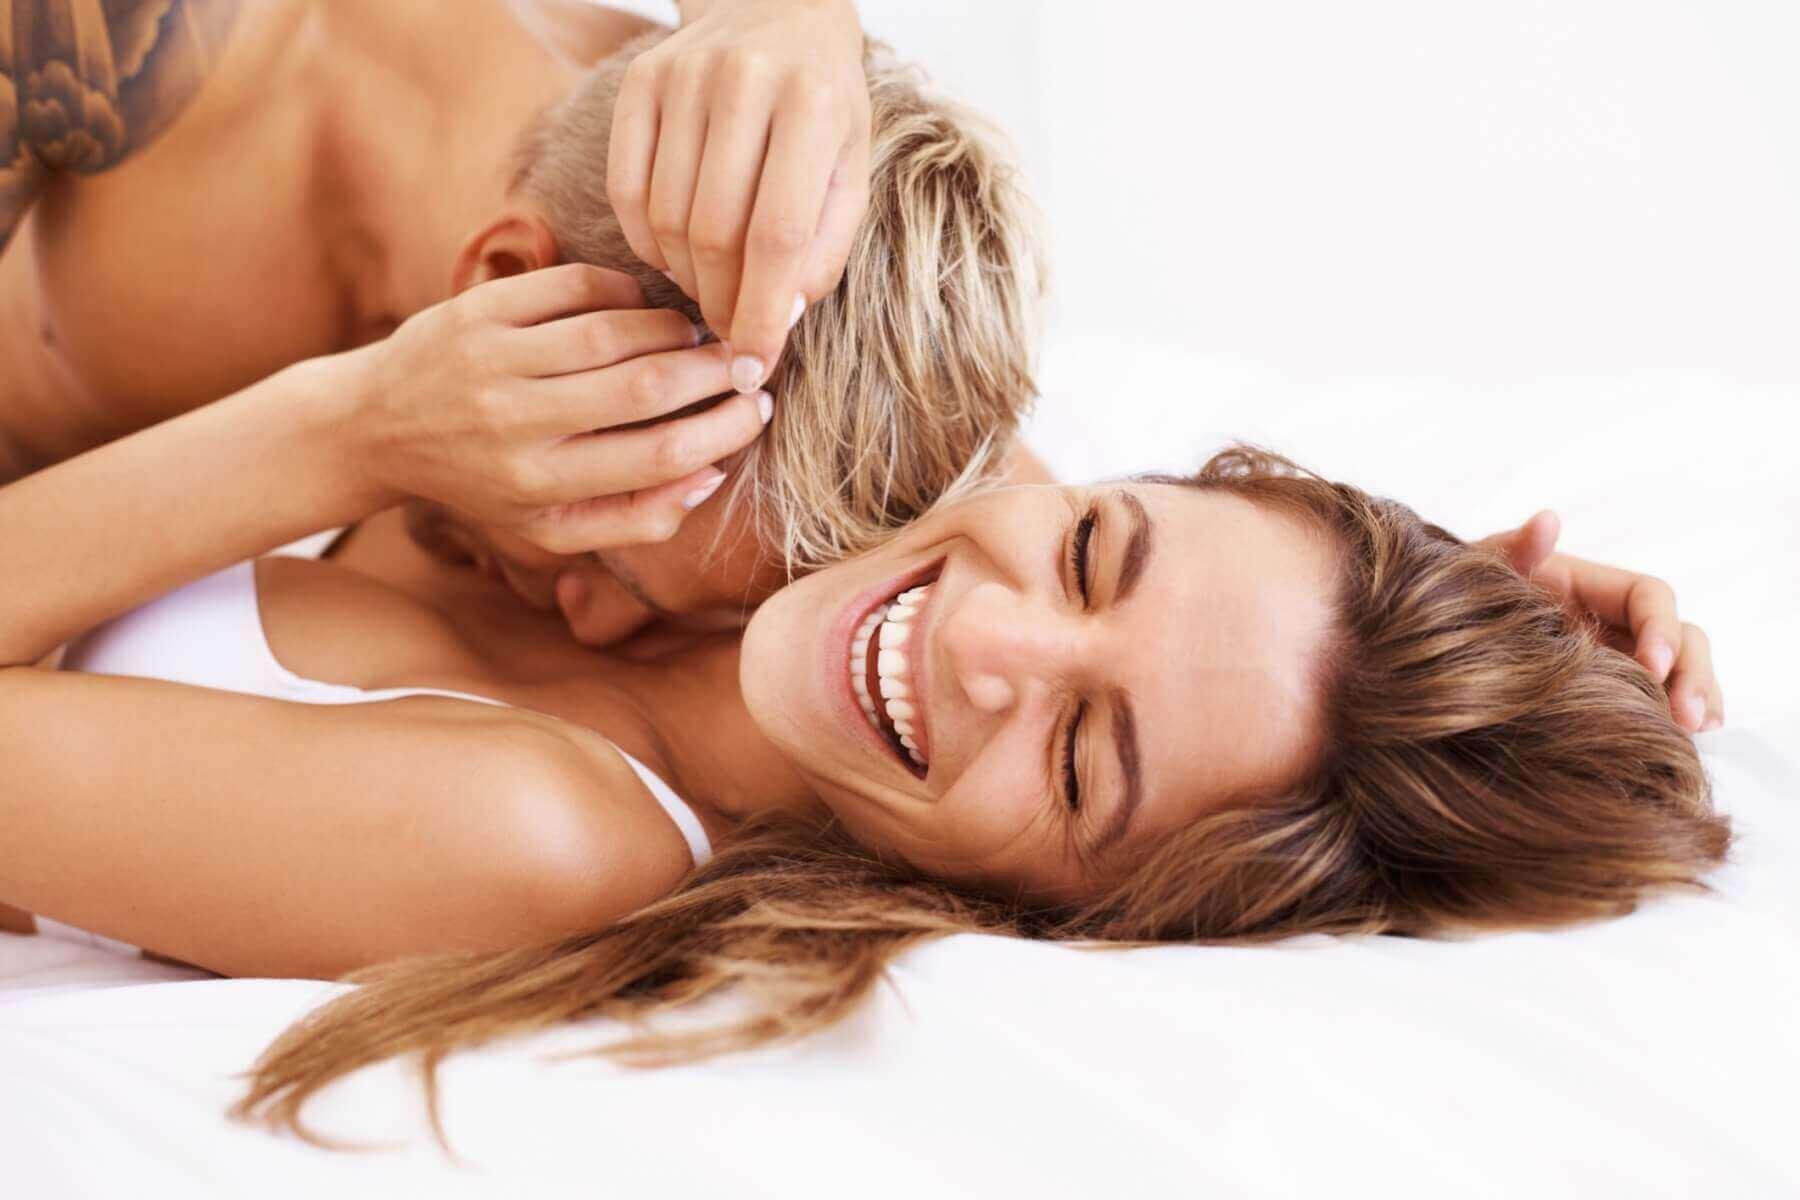 naurava nainen sängyssä miehen kanssa